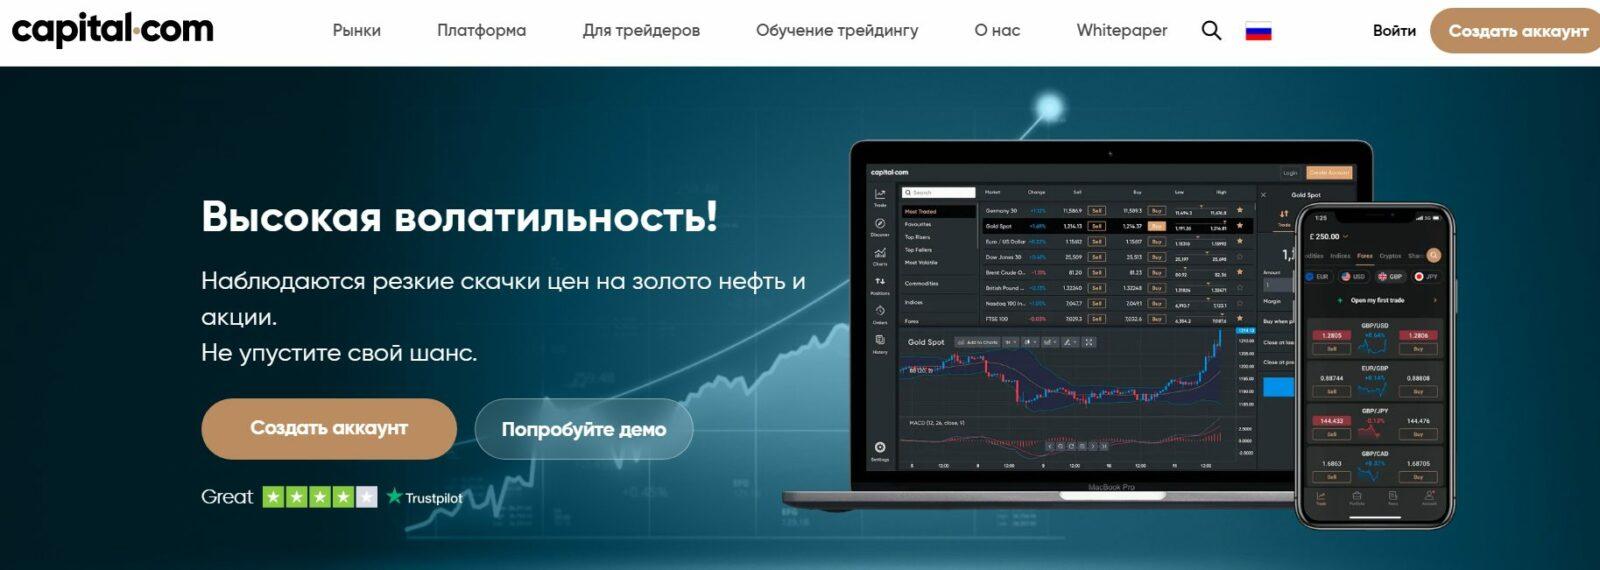 Сайт проекта Capital.com